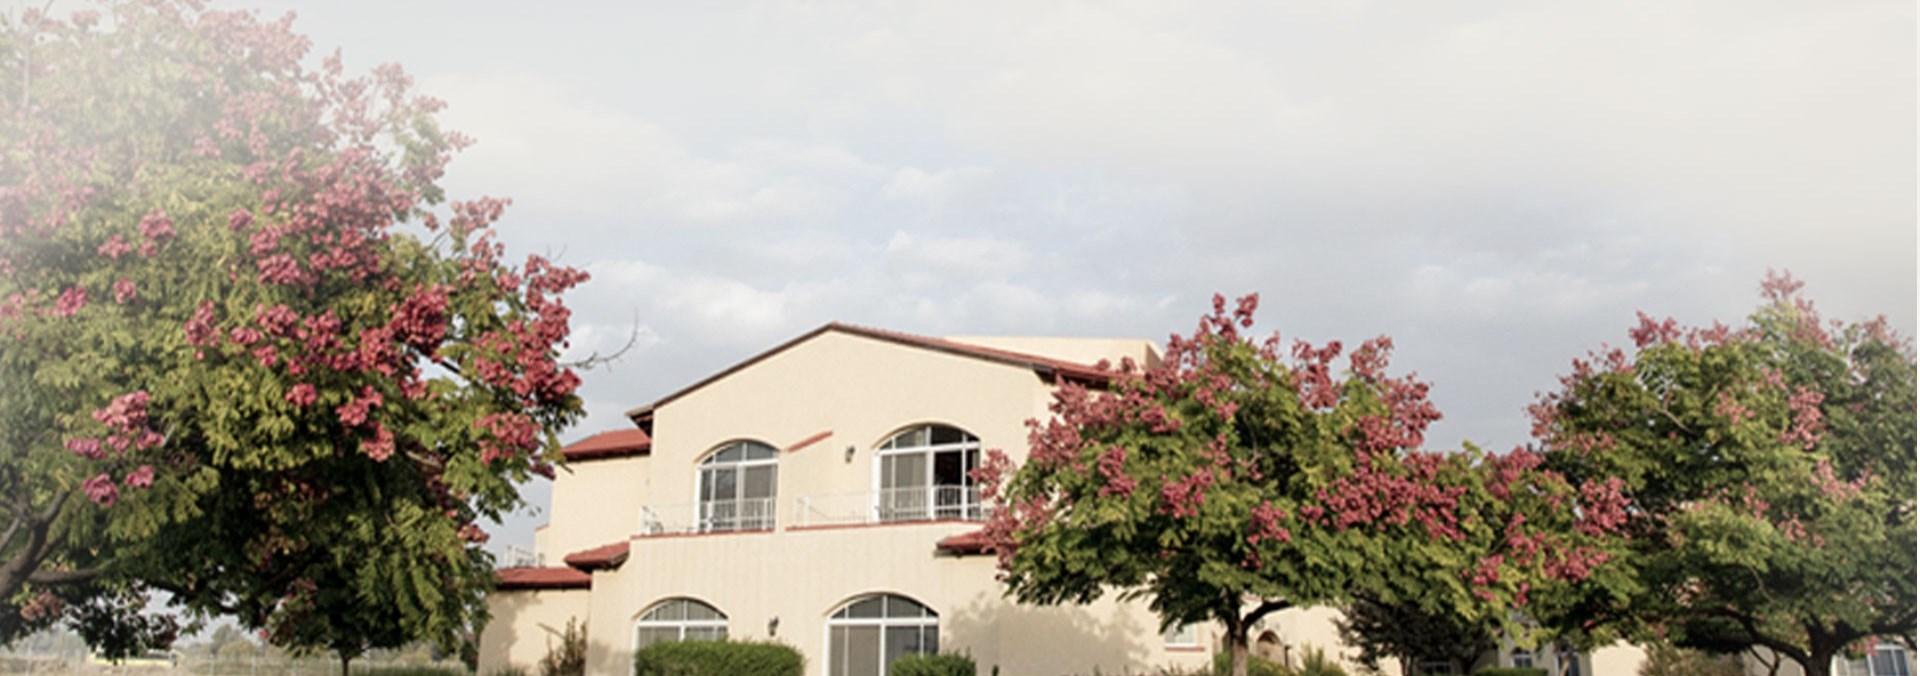 מלון פסטורל כפר בלום - נוף